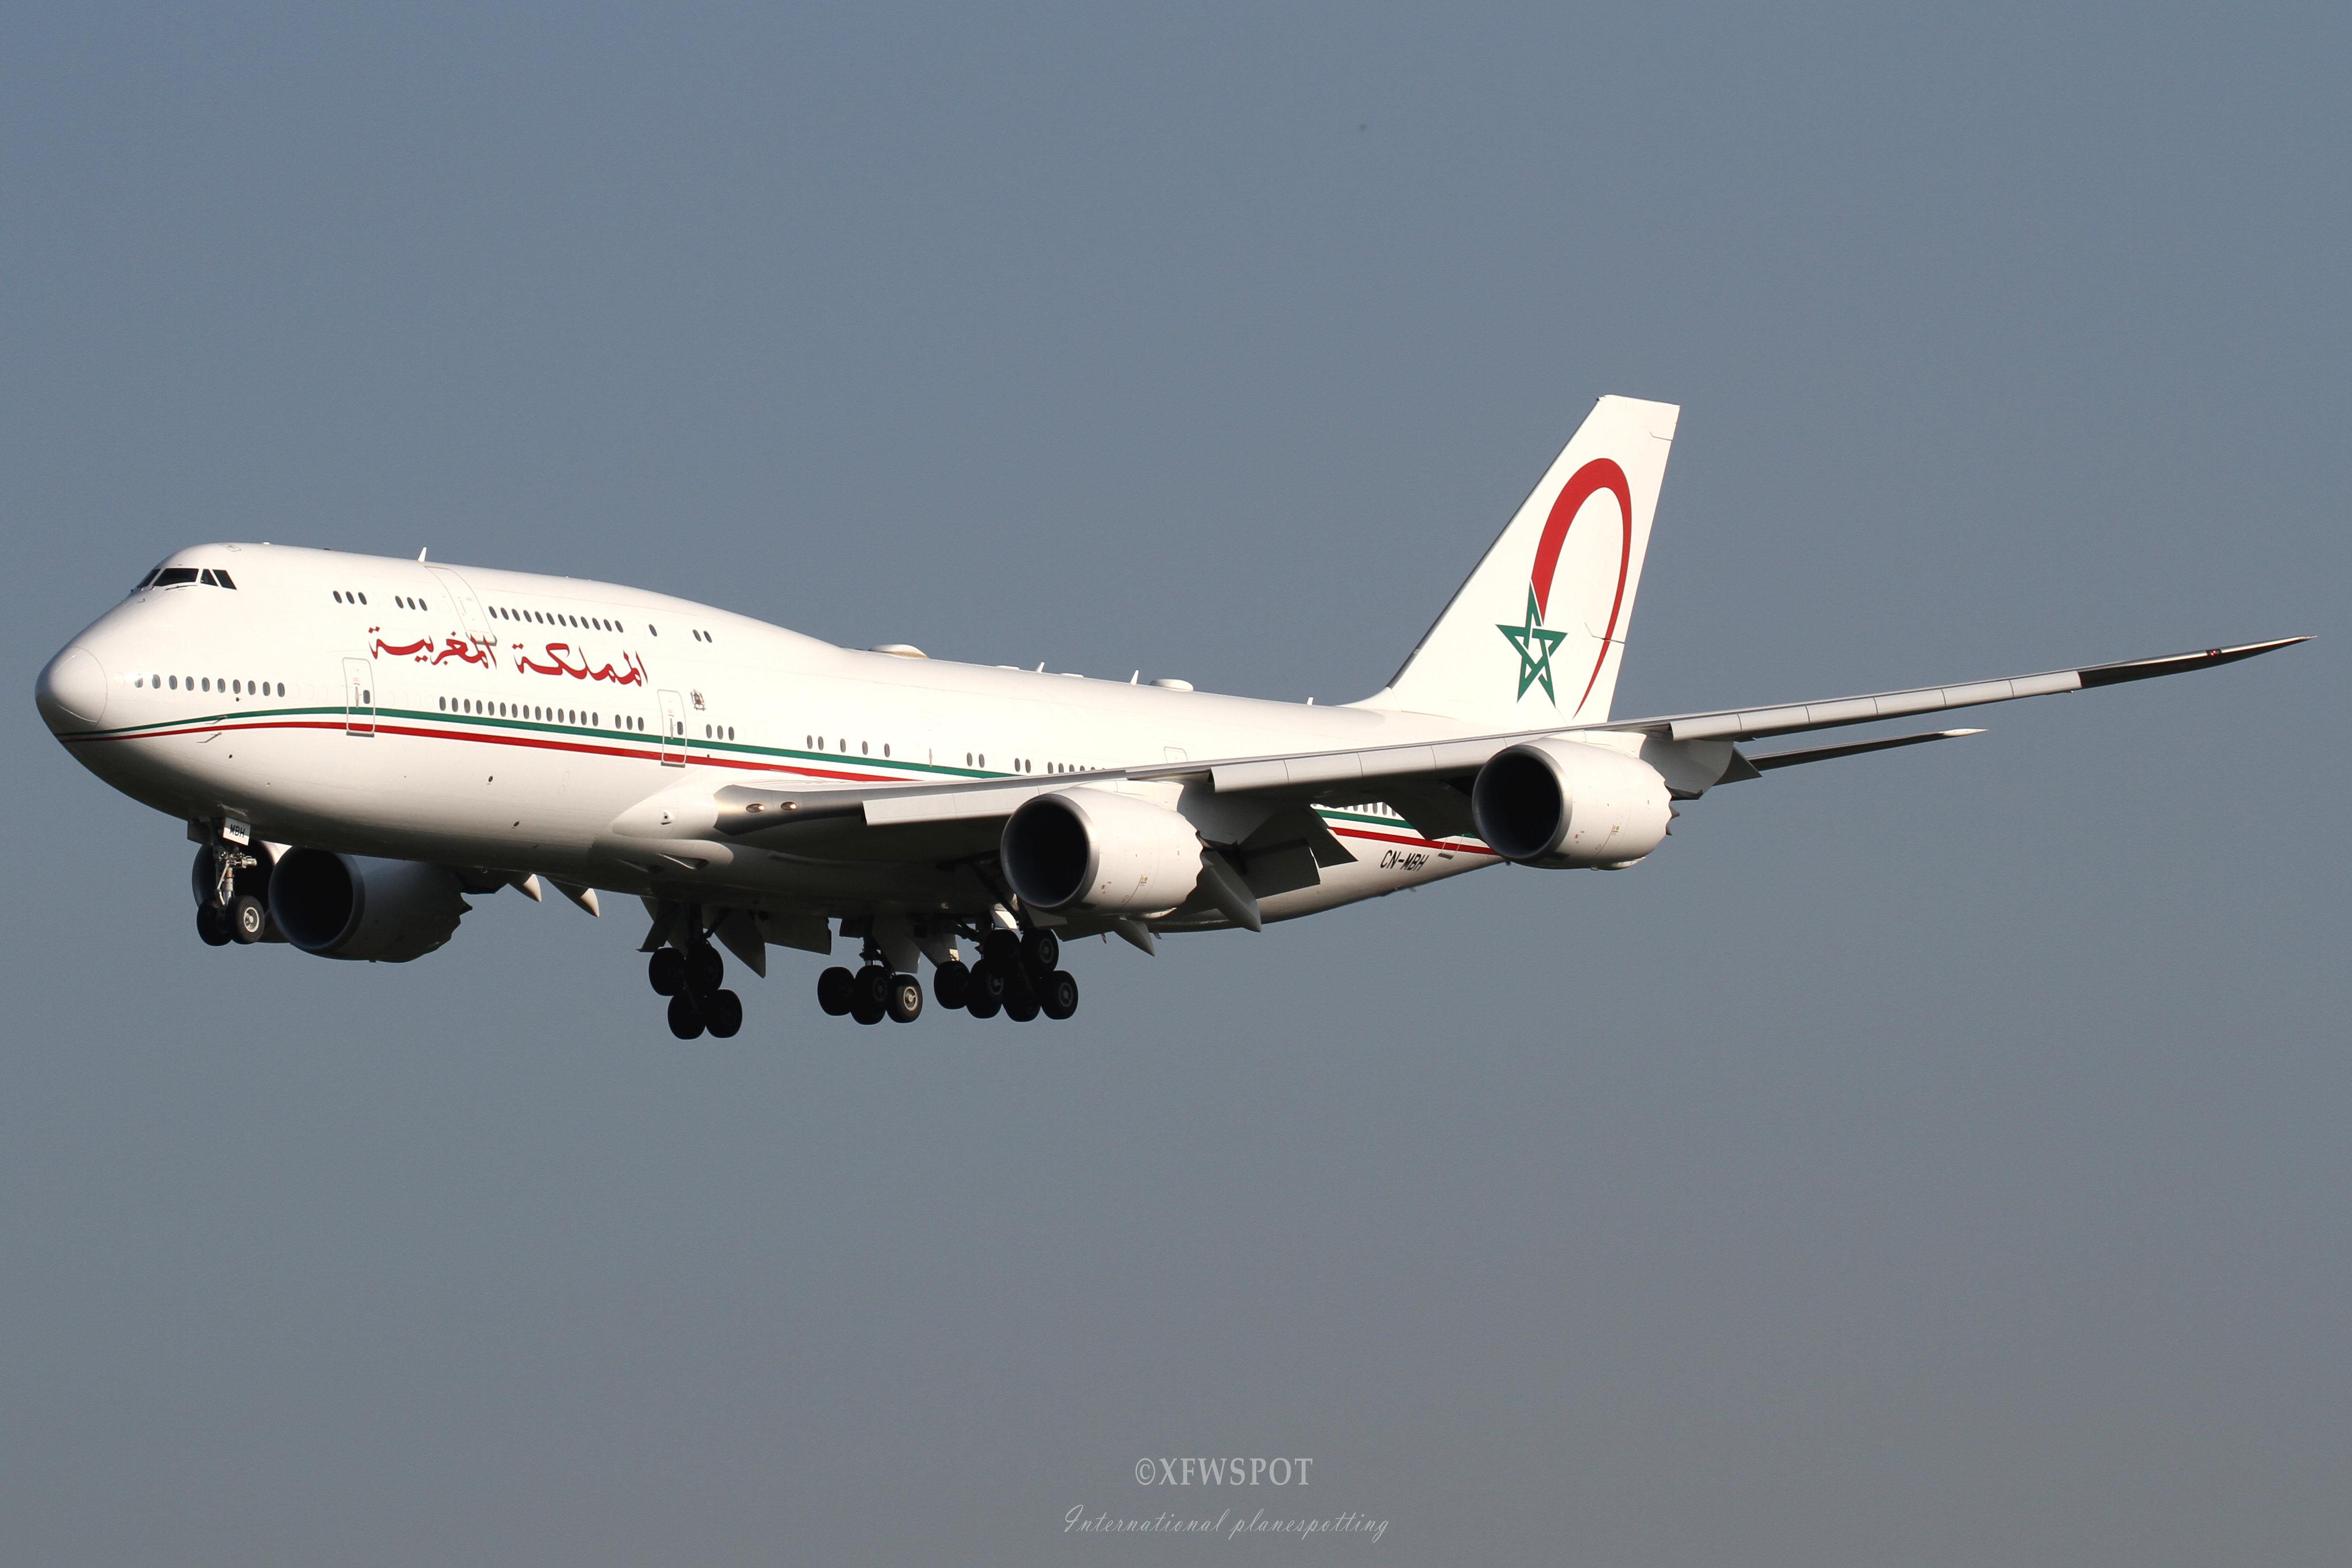 FRA: Avions VIP, Liaison & ECM - Page 25 50341462281_3fb661c0b8_4k